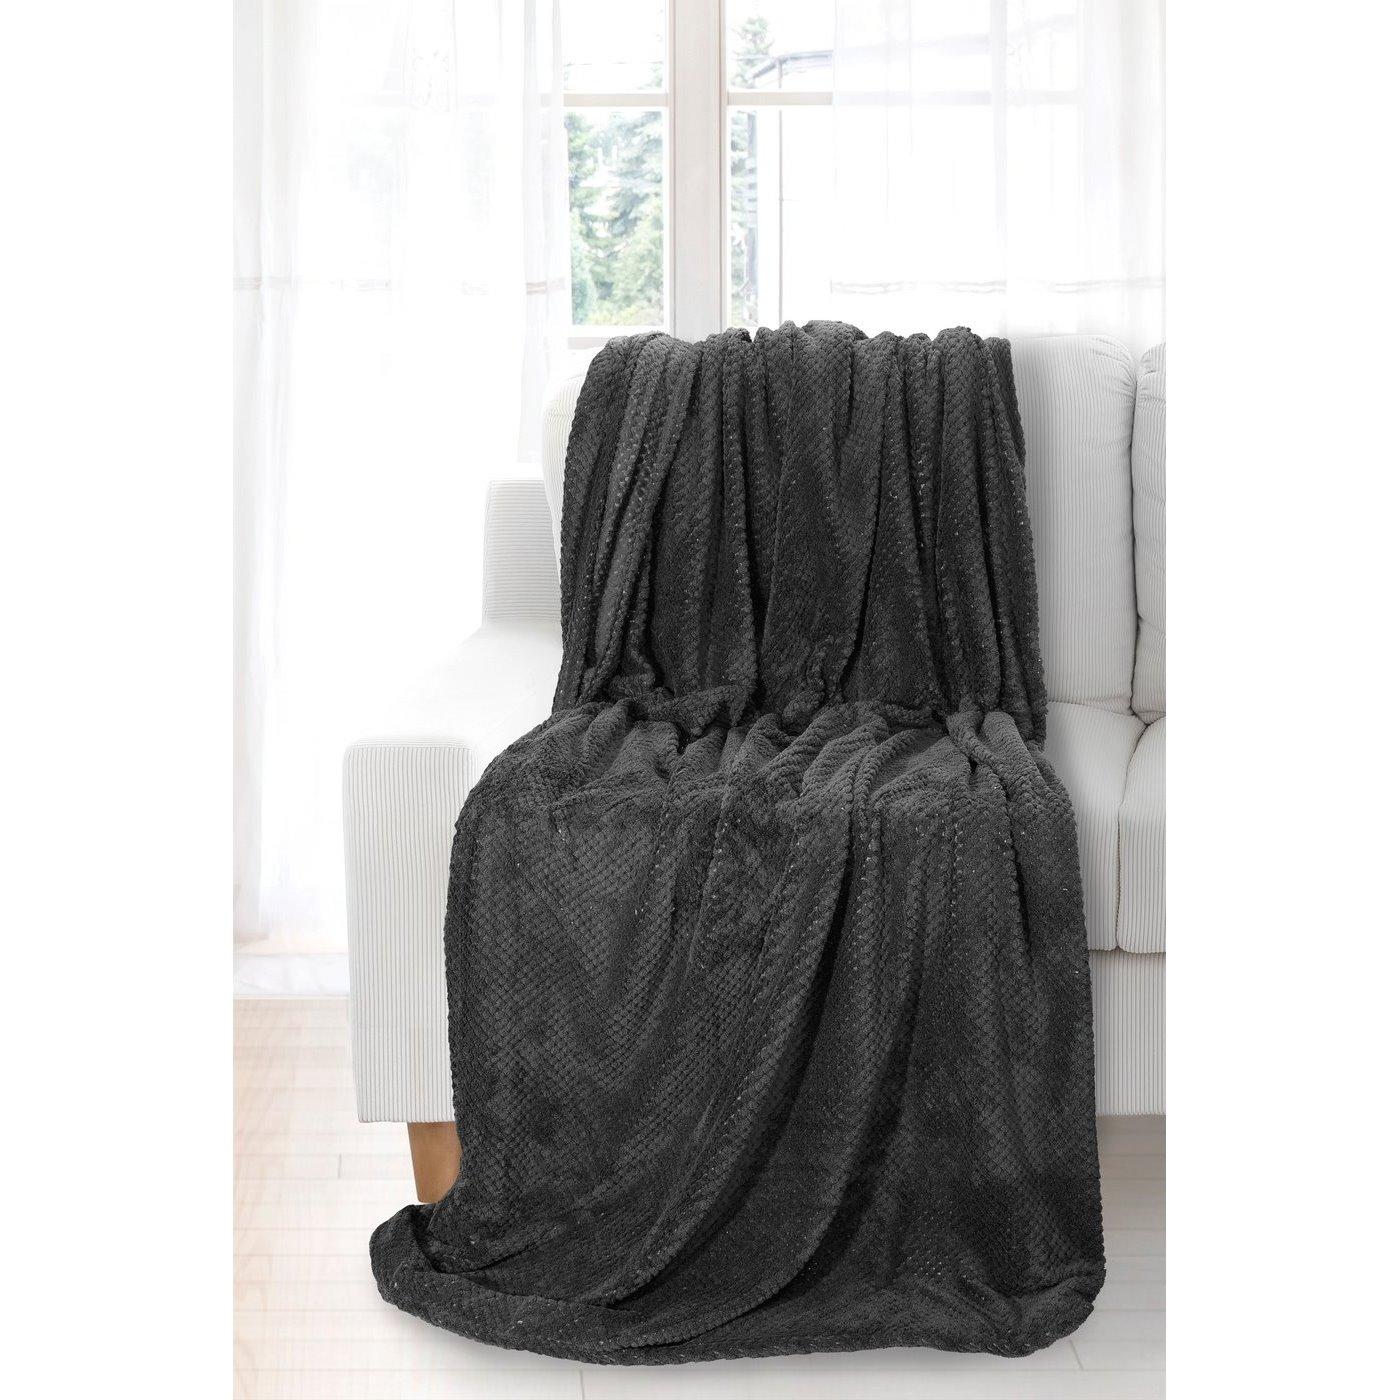 Koc miękki i puszysty jednokolorowy na fotel ciemnozielony 70x140 cm